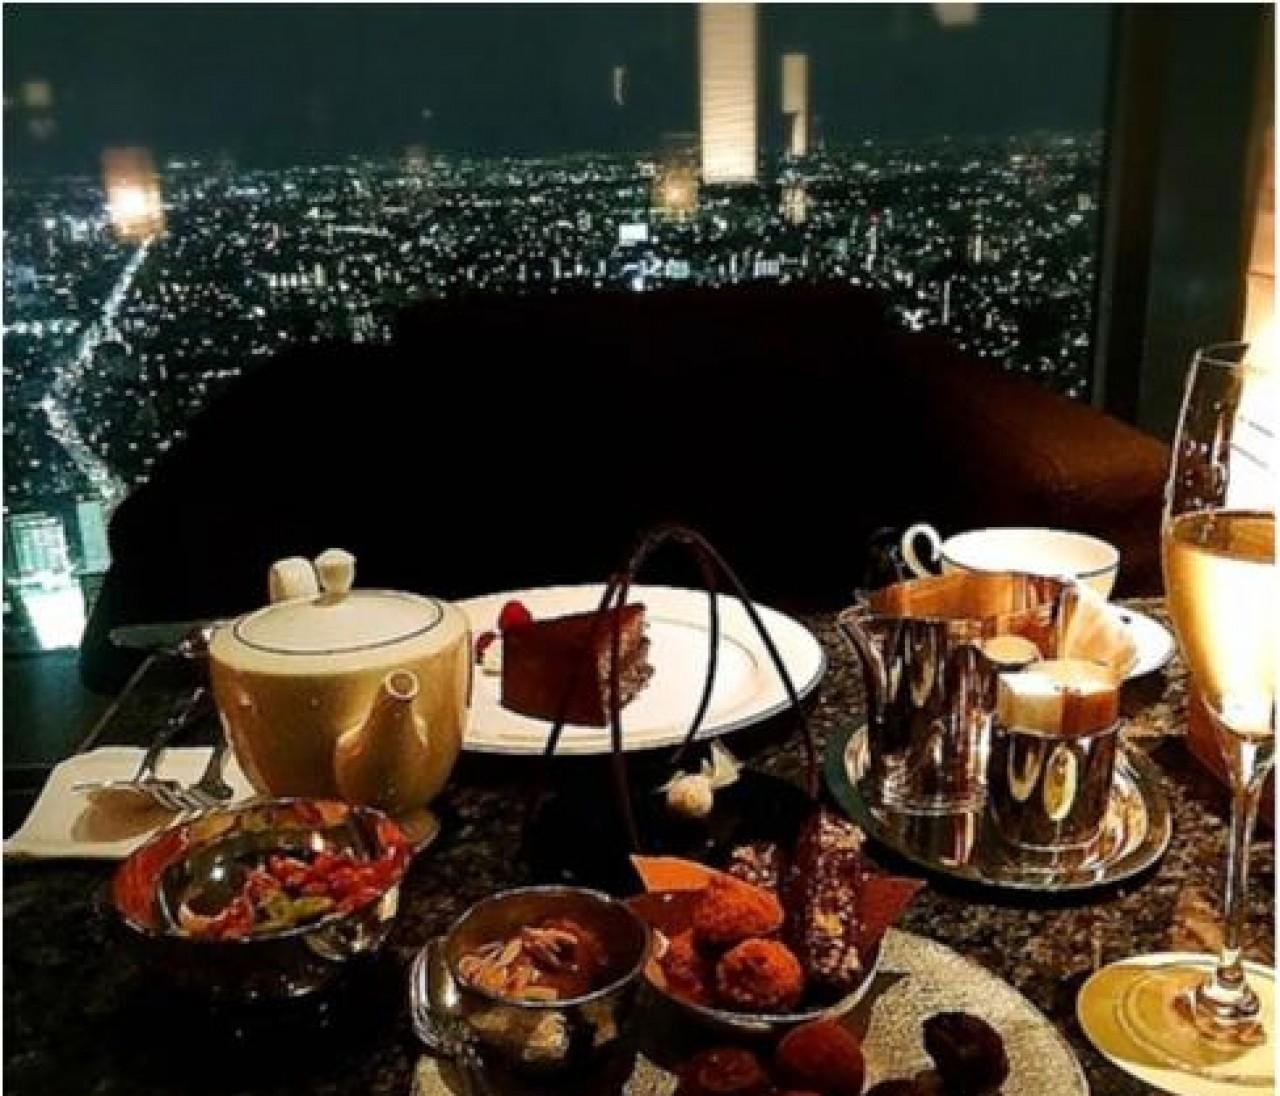 女友達と一緒に「背伸び体験」! ホテルで夜景を堪能したい!